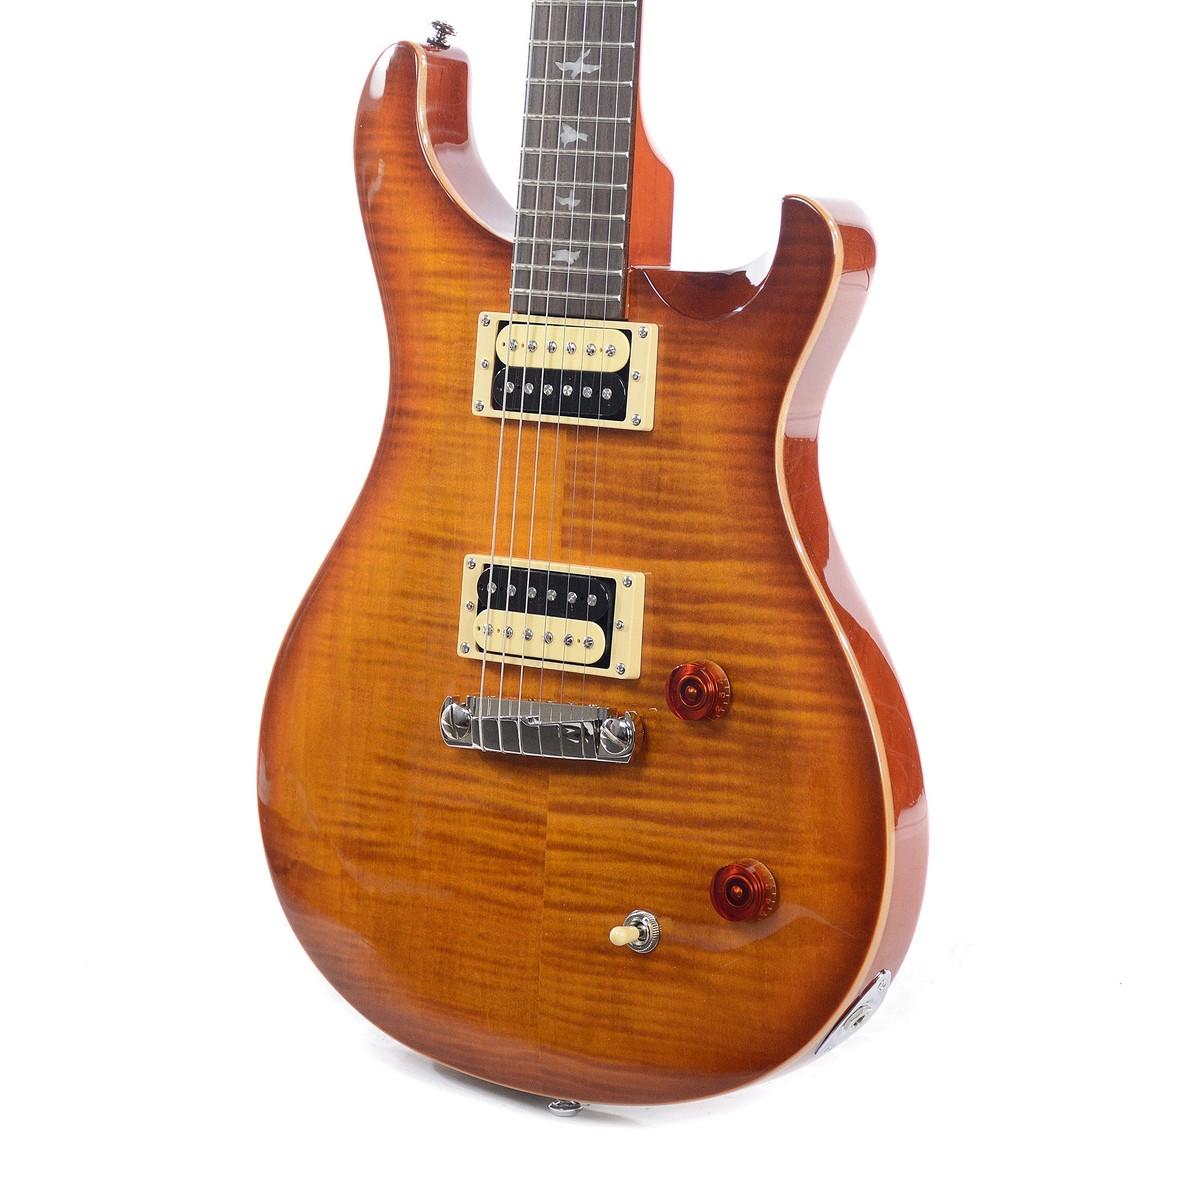 prs se custom 22 electric guitar vintage sunburst at. Black Bedroom Furniture Sets. Home Design Ideas